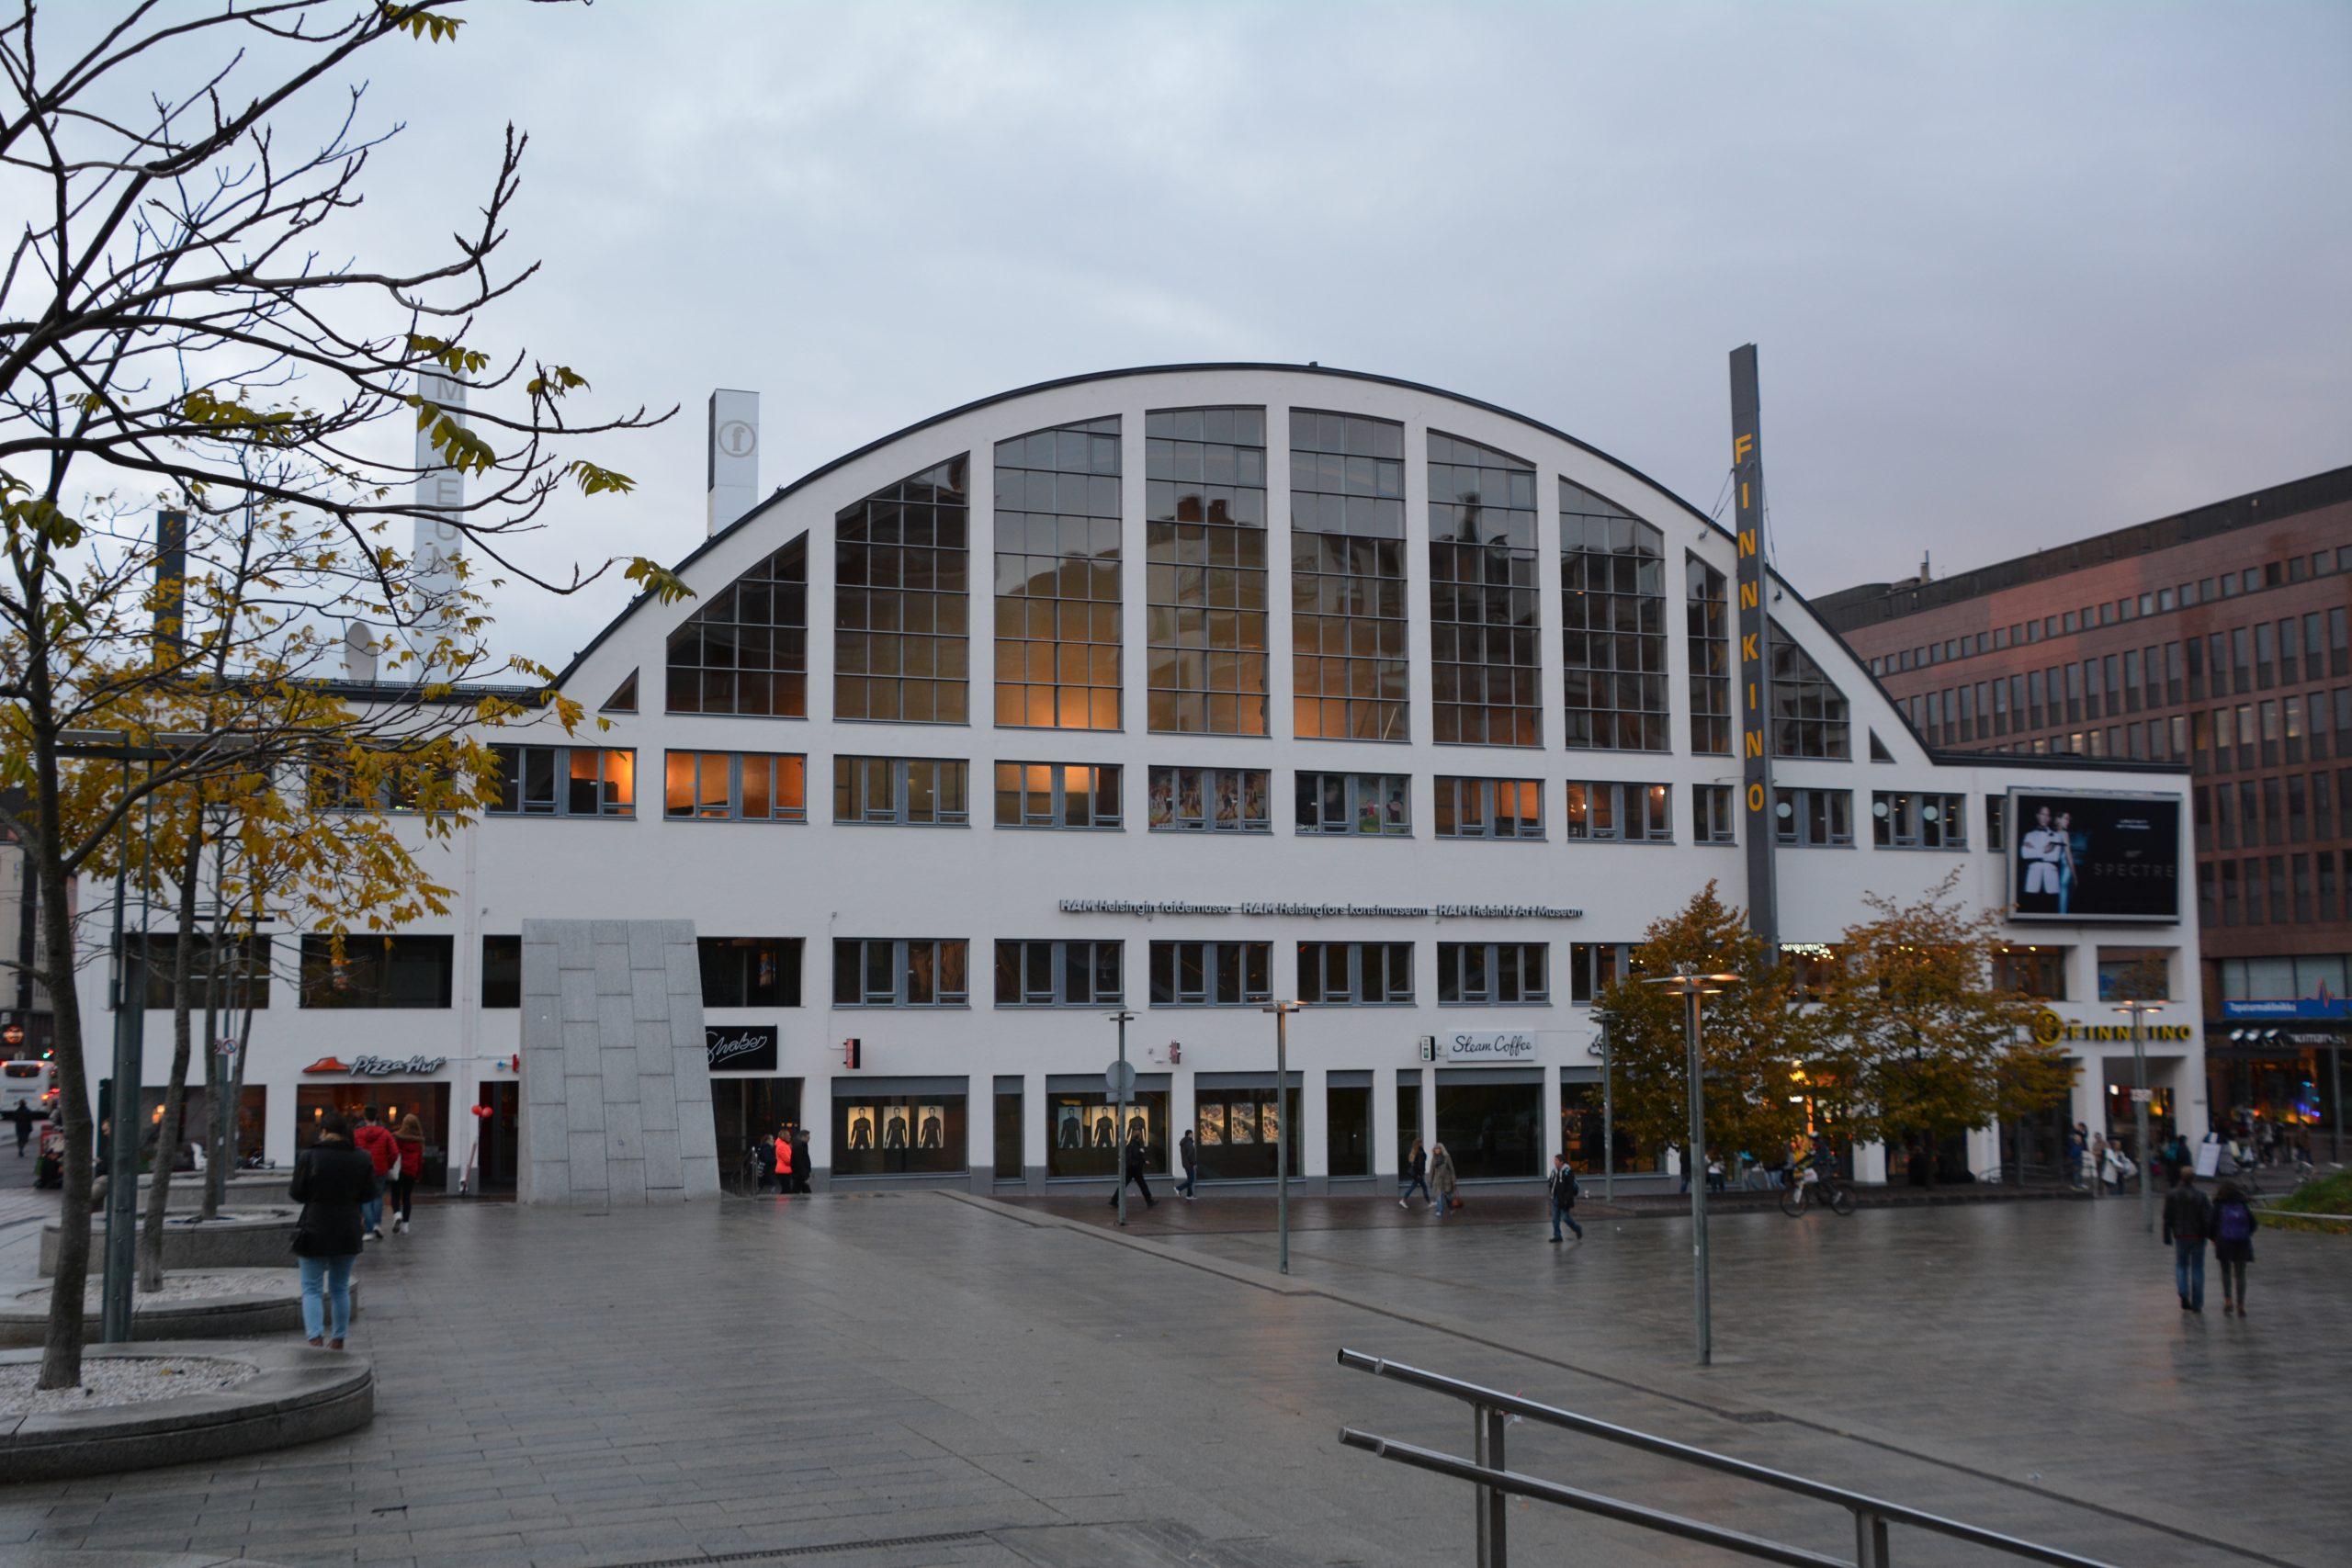 Helsinki Art Museum-Helsinki Travel